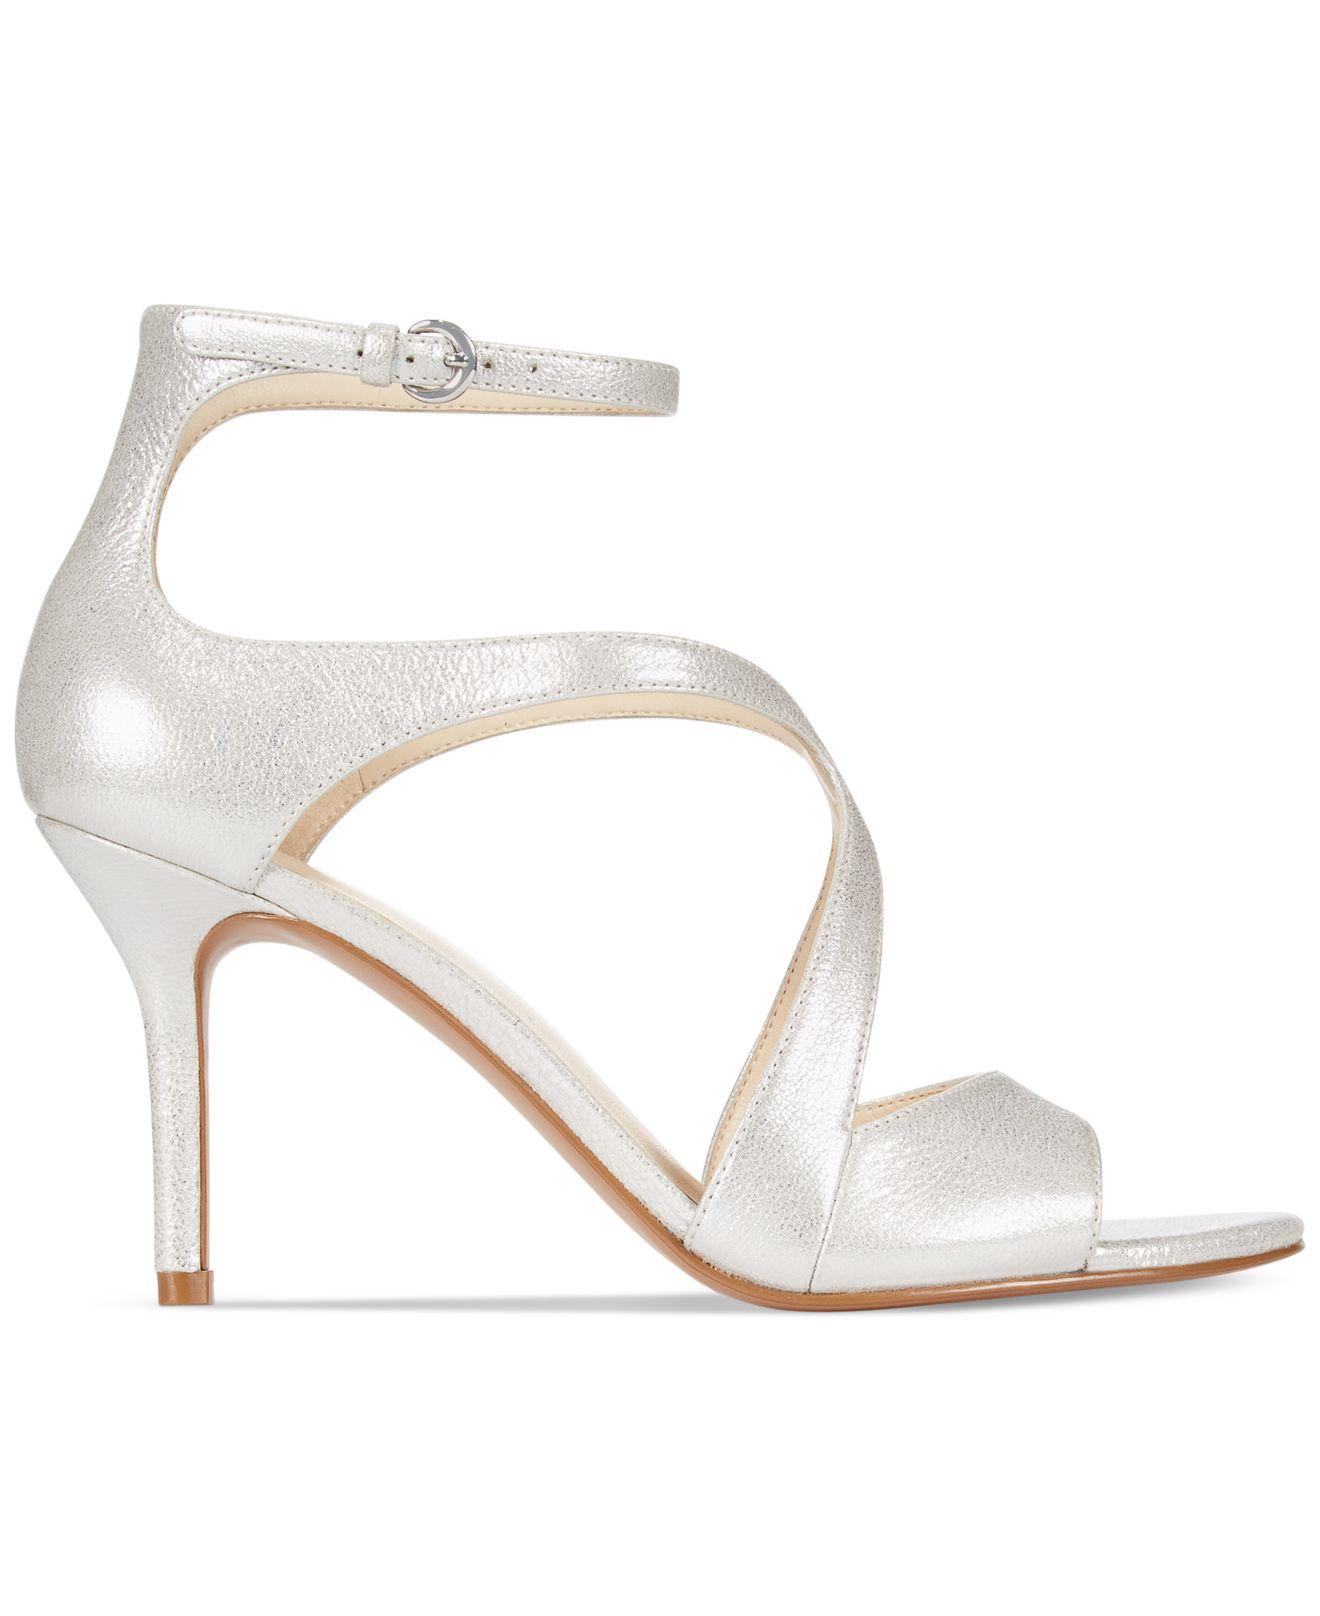 6664b69848 Nine West Gerbera Mid-Heel Dress Sandals in Metallic - Lyst